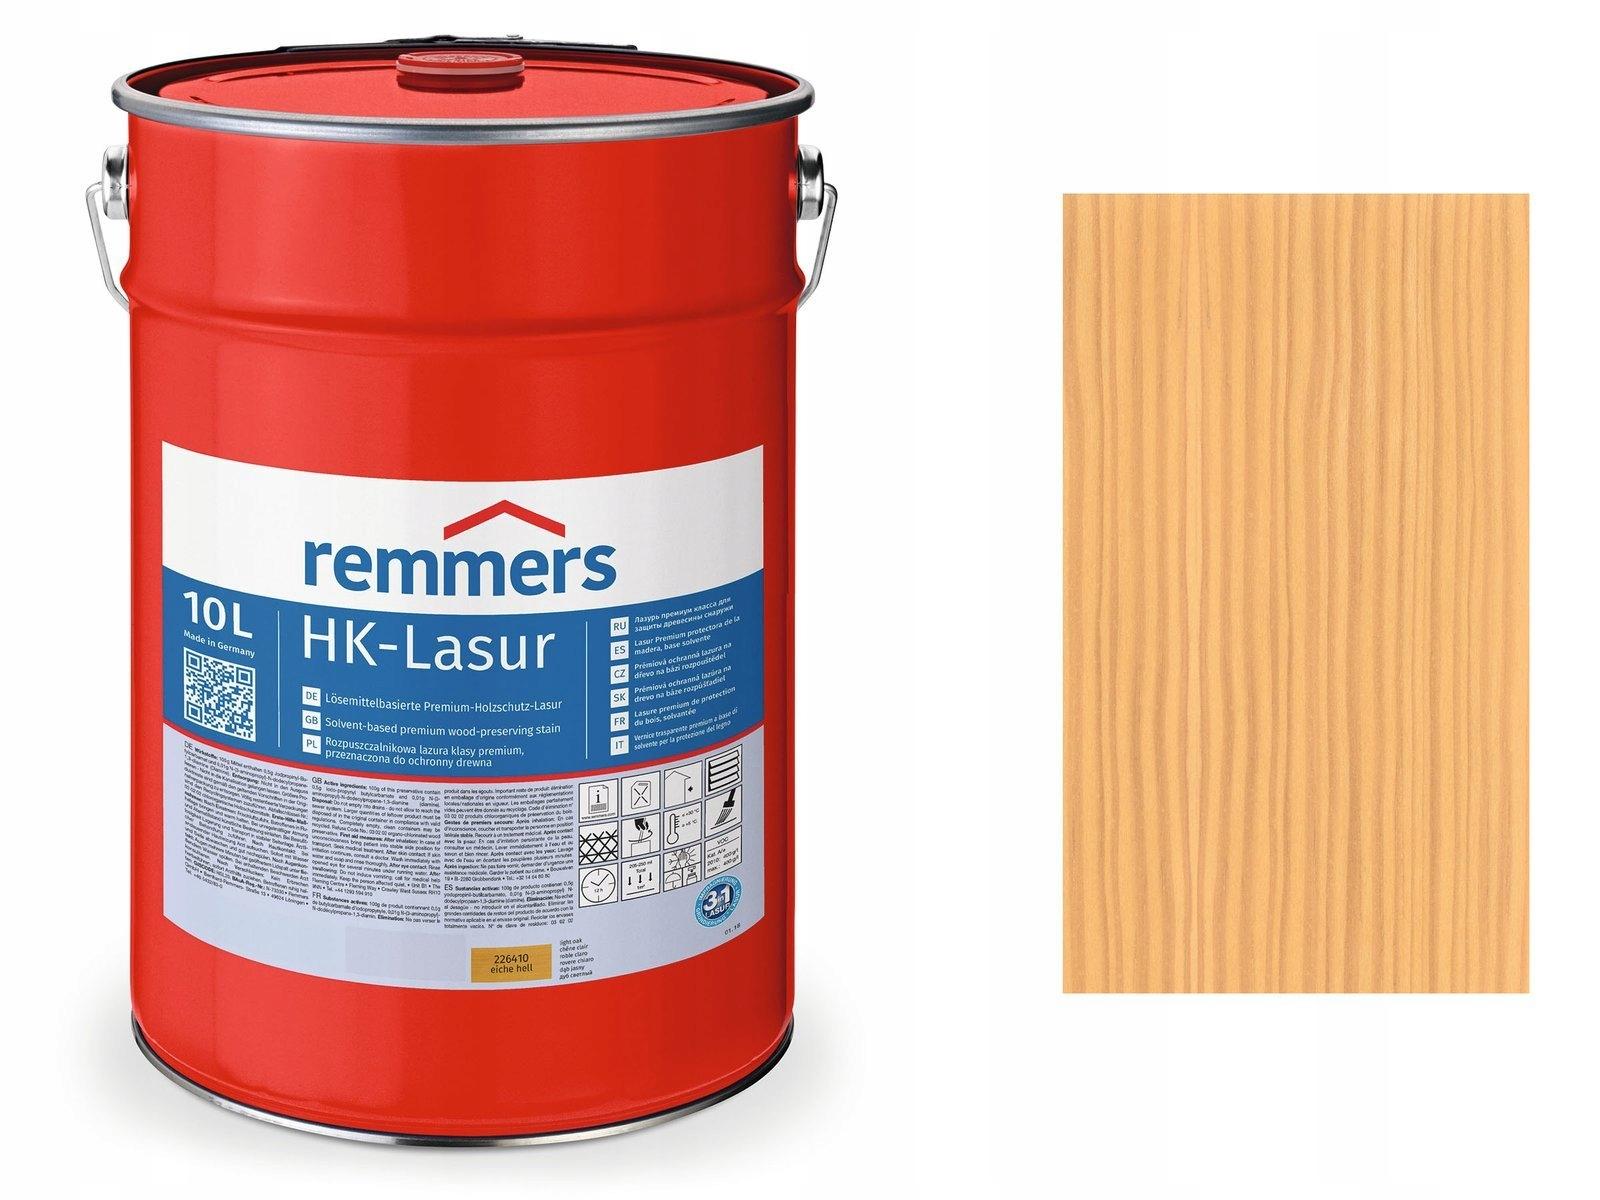 Remmers HK-Lasur-пропитка для дерева 10Л БЕСЦВЕТНЫЙ